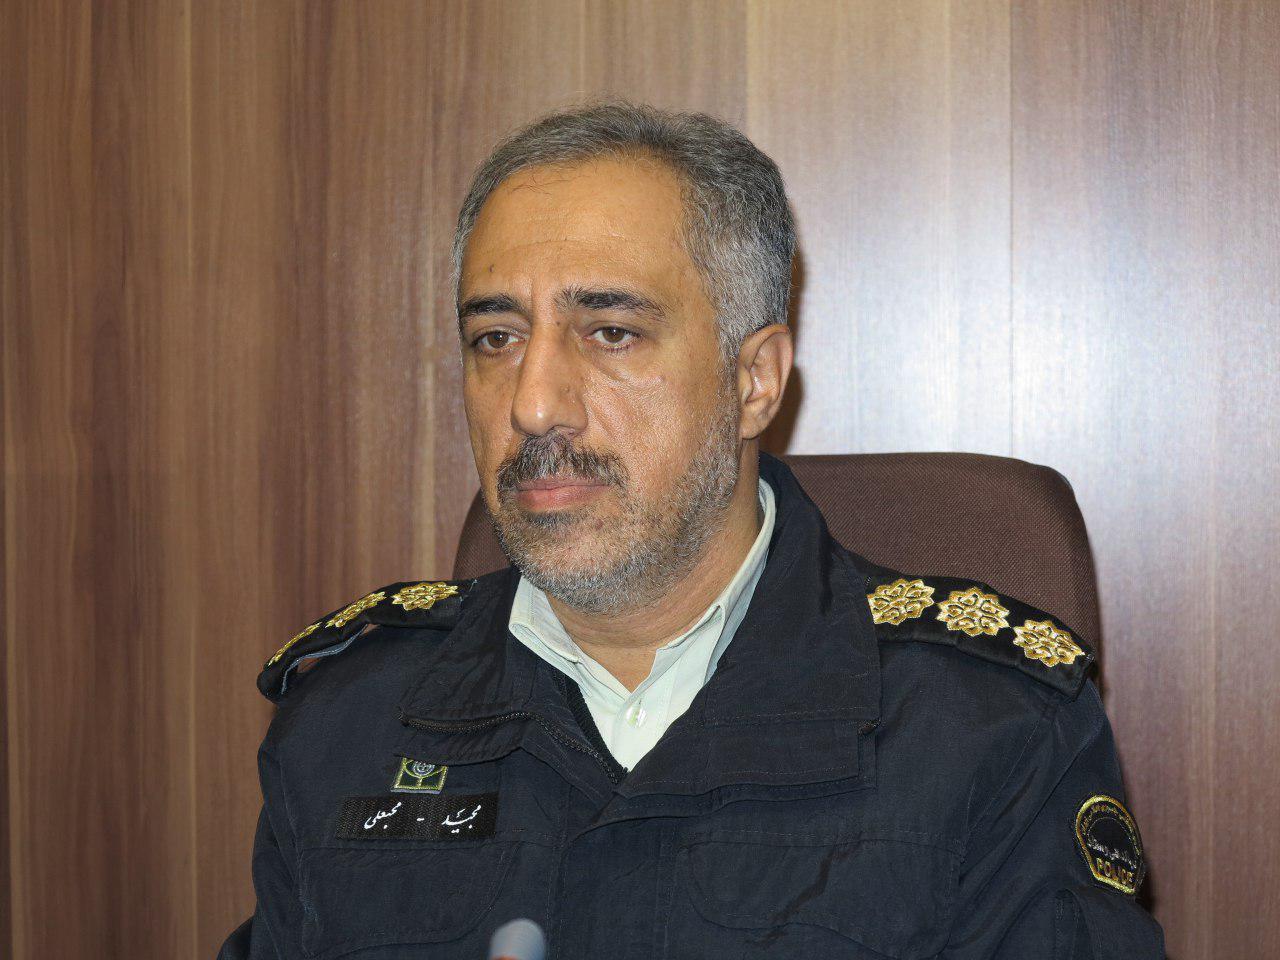 جزئیات مهم نزاع و درگیری شب گذشته در بوکان از زبان فرمانده انتظامی این شهر